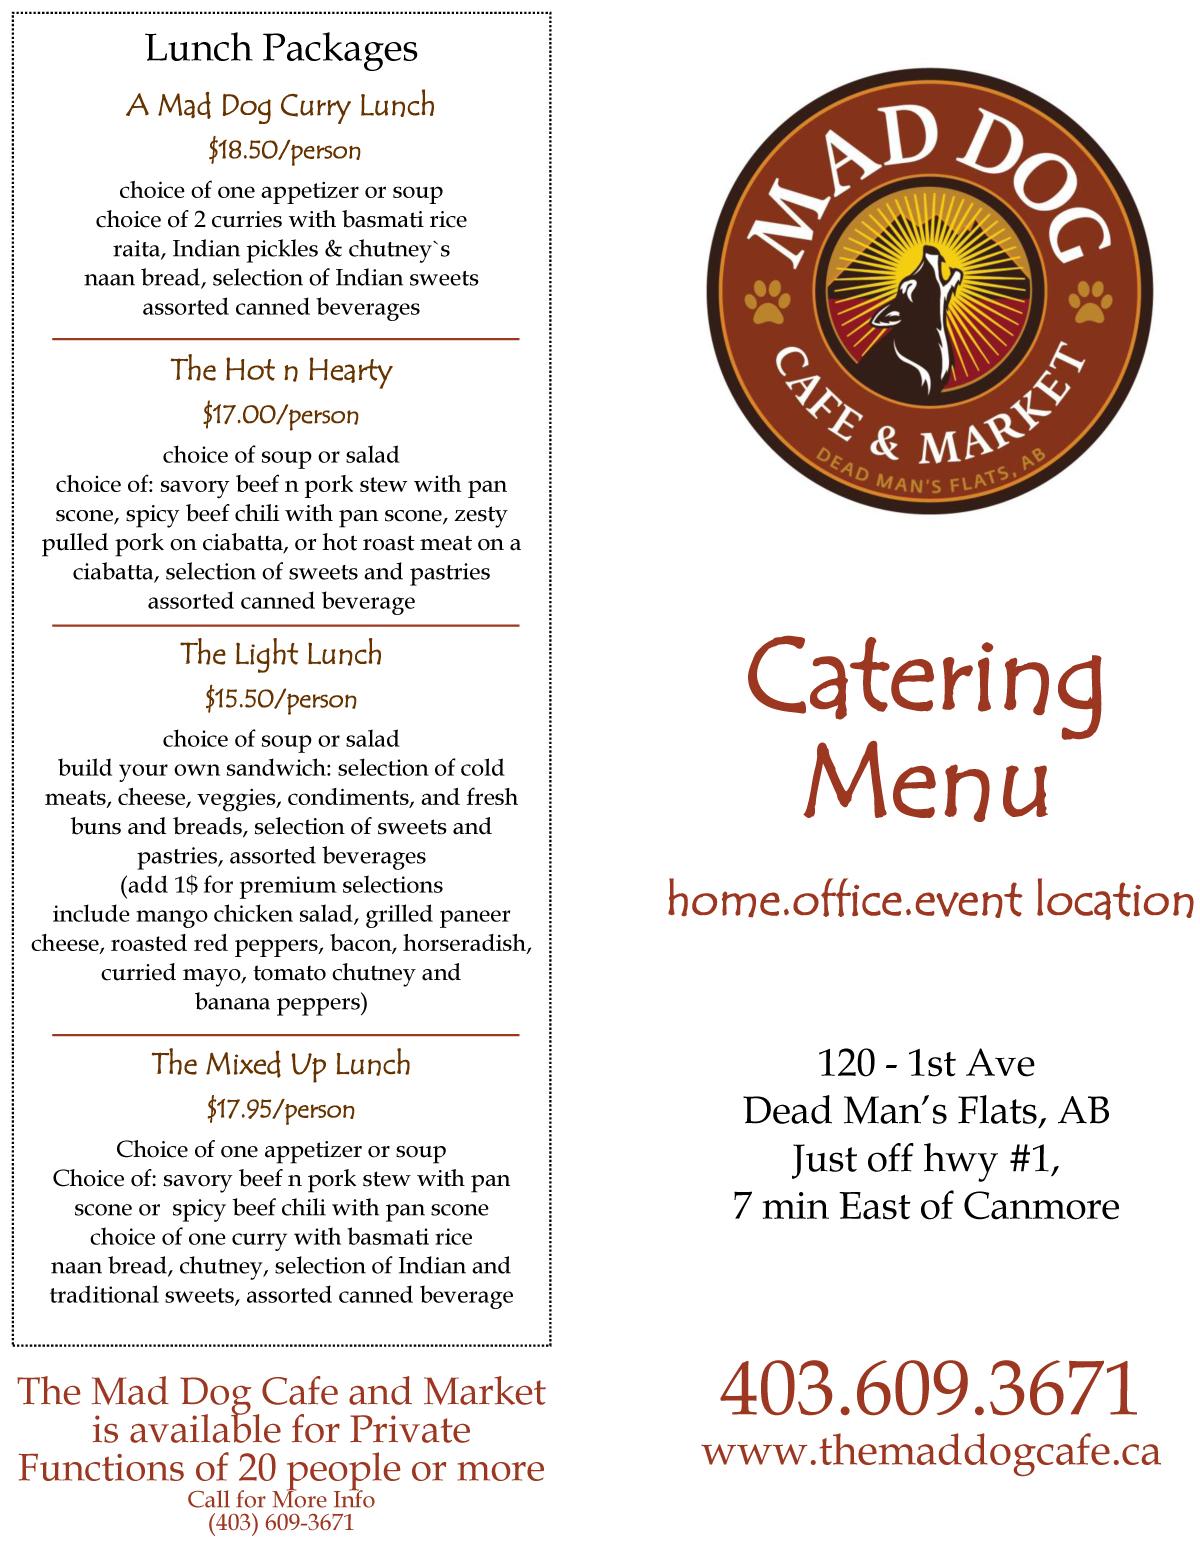 MDC-Catering-Menu-2015-p2